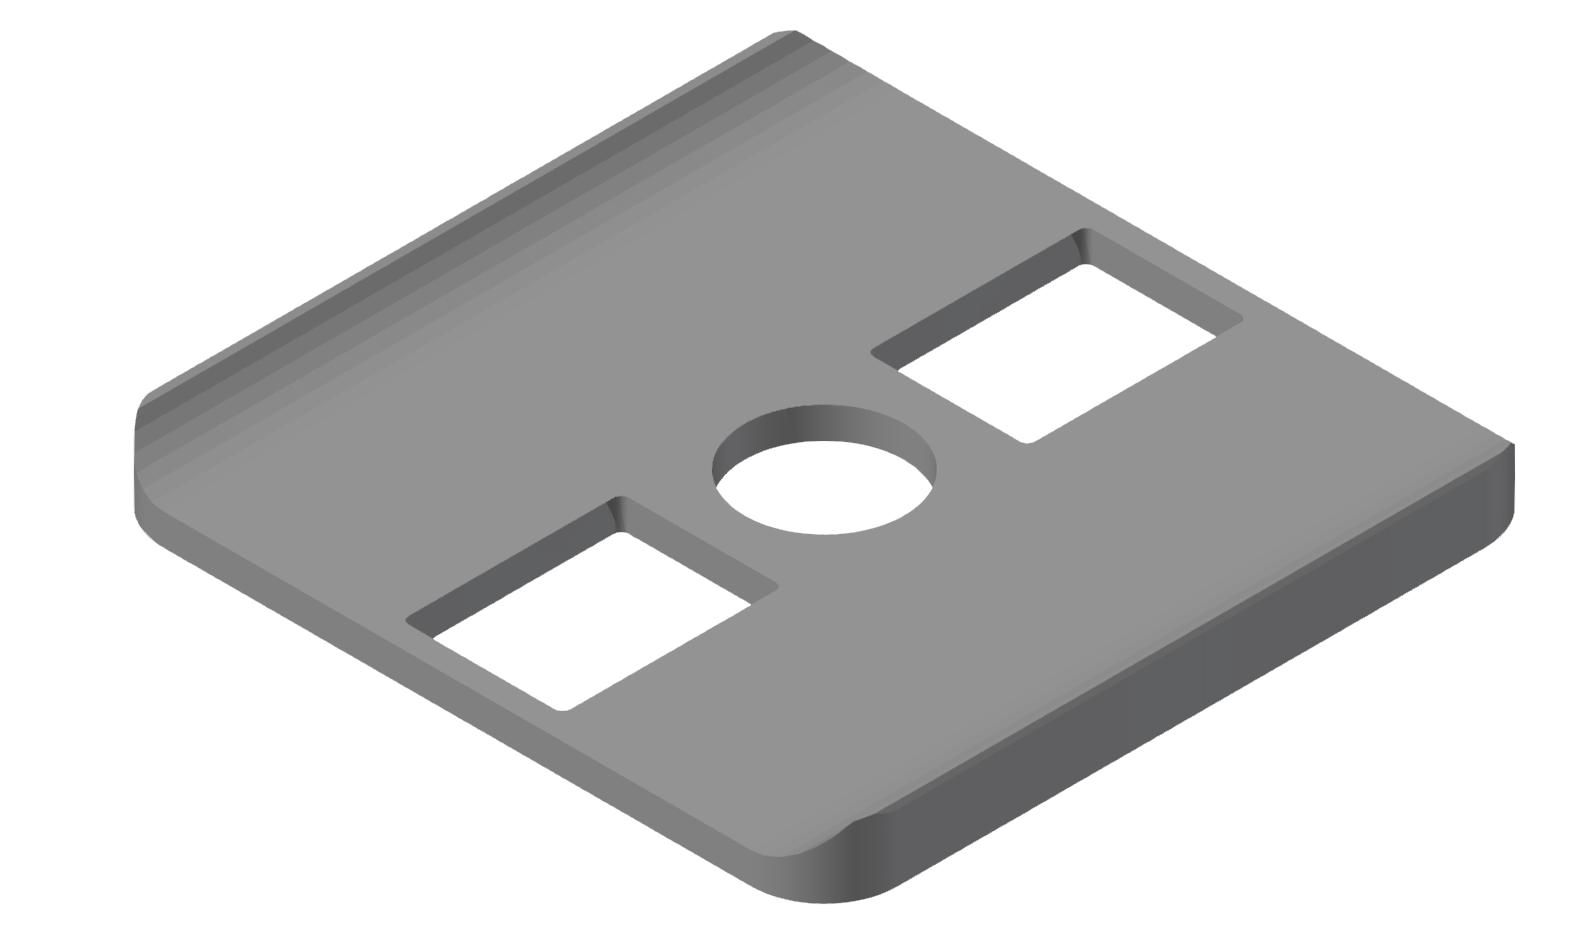 Radien-Dichtung 6 30x30, grau